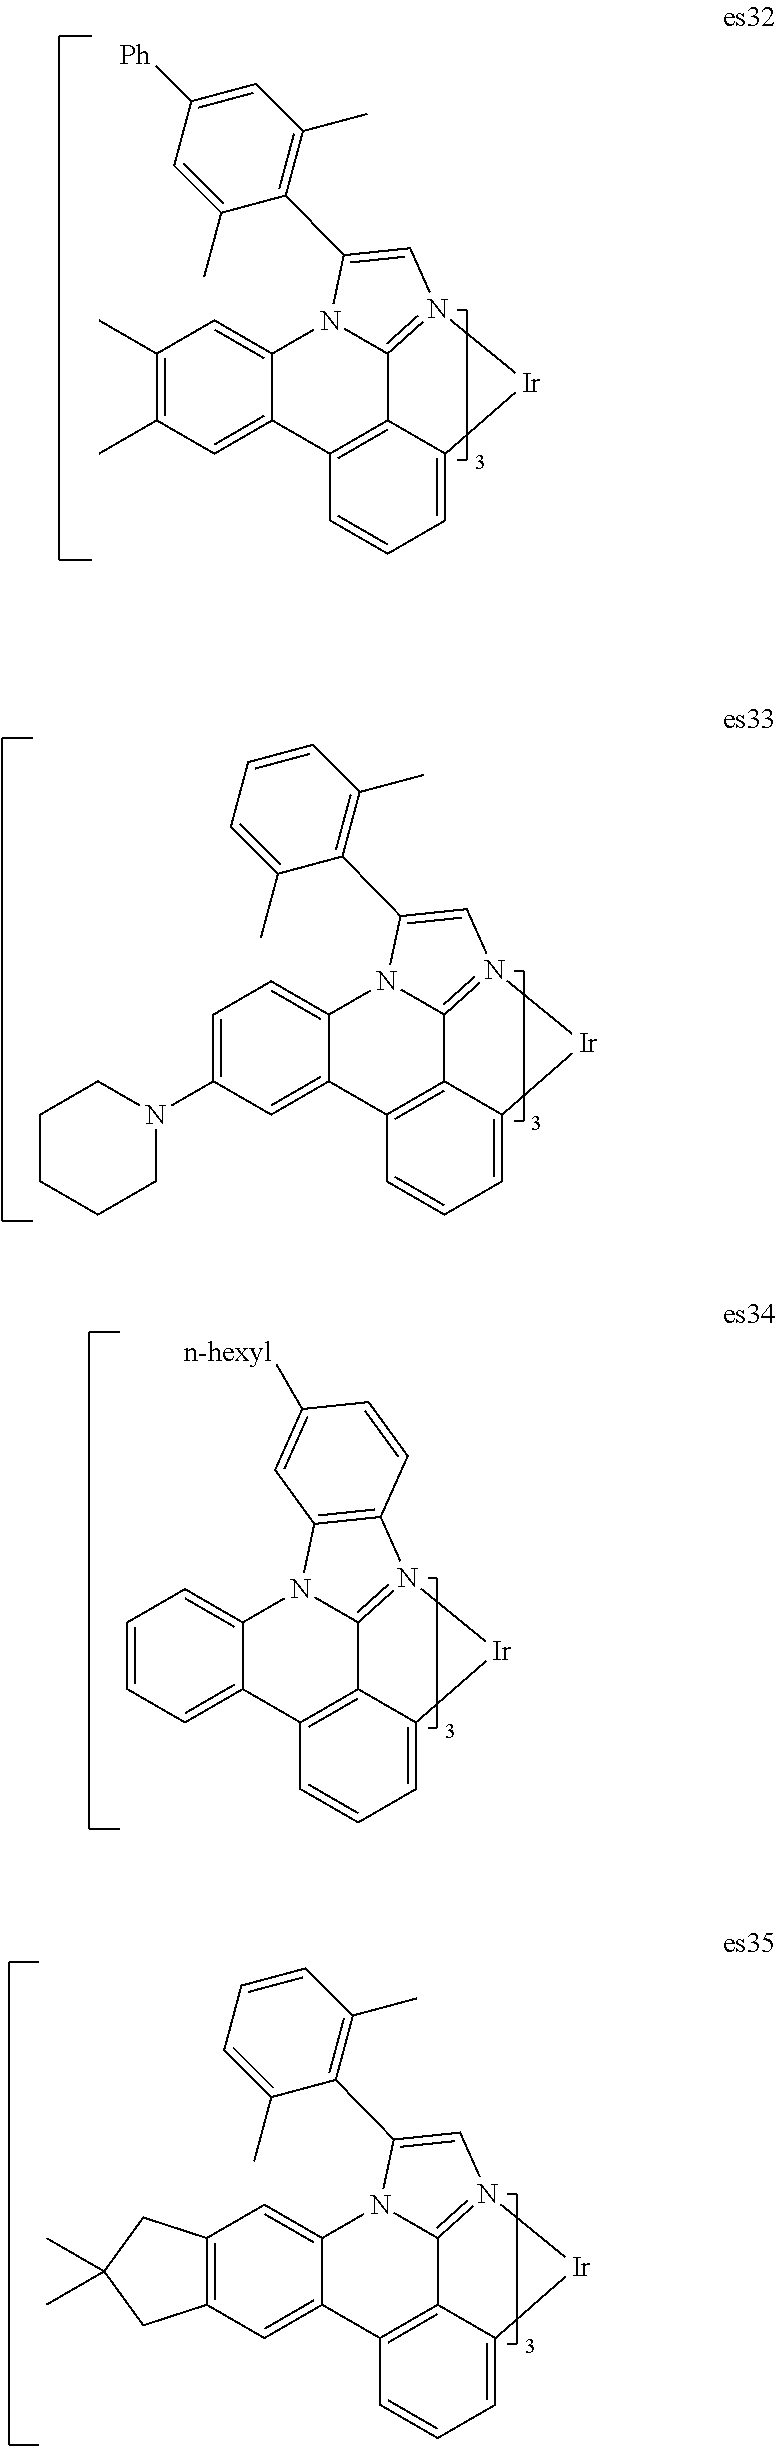 Figure US20110073849A1-20110331-C00016